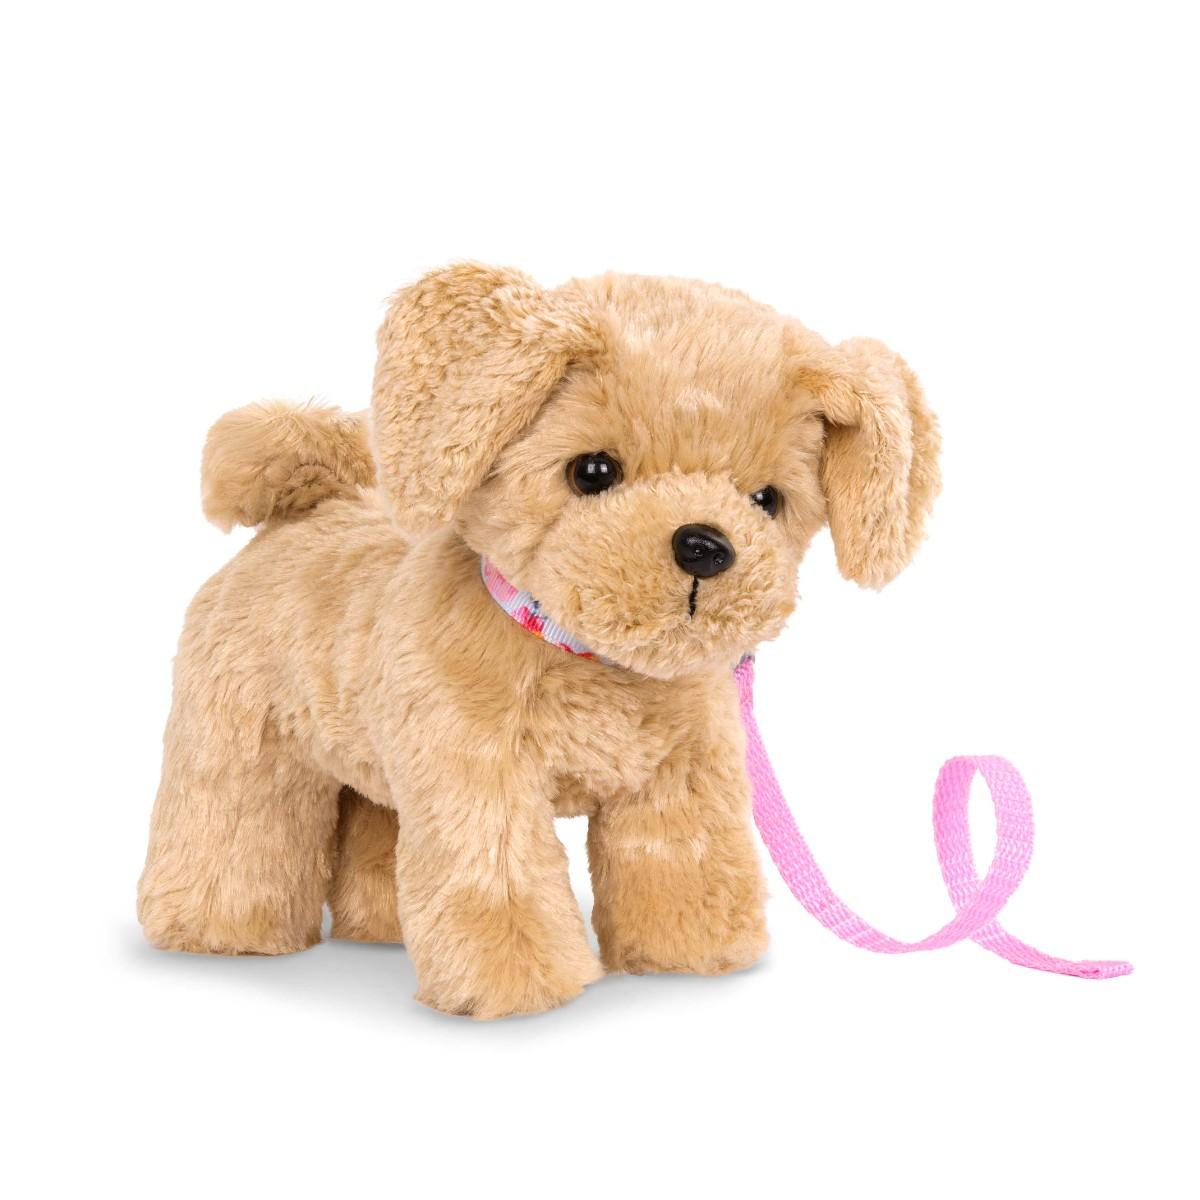 Our Generation - Posable Golden Poodle Pup (735190)